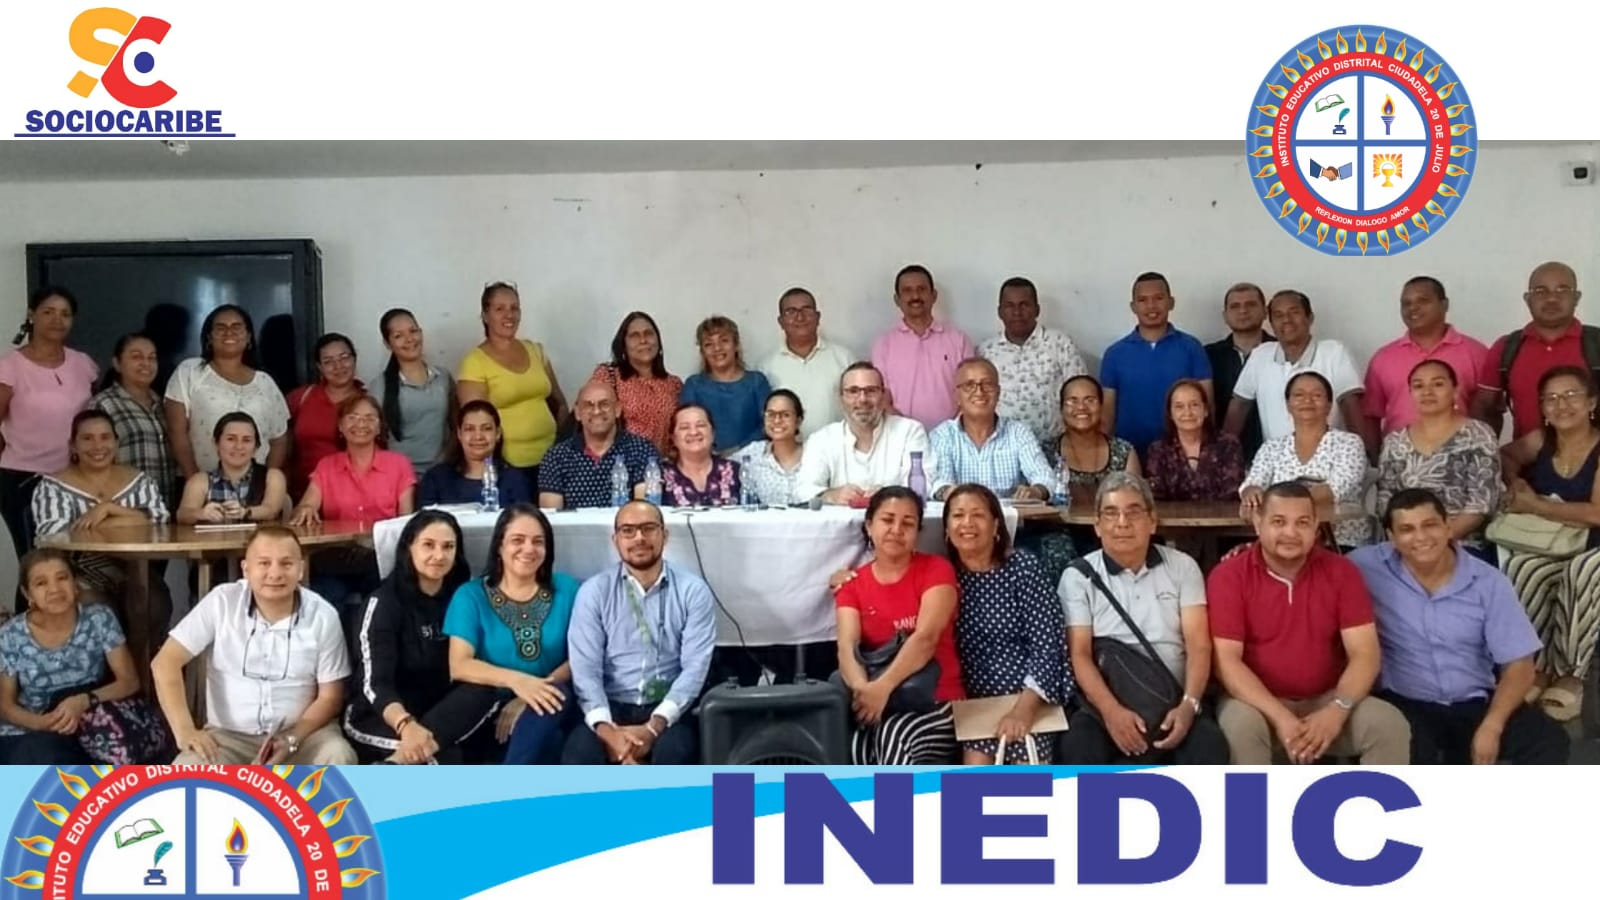 El INEDIC 20 de Julio renueva de manera exitosa el PEI  y pone en marcha una estrategia de mejora continua, con el acompañamiento de SOCIOCARIBE.